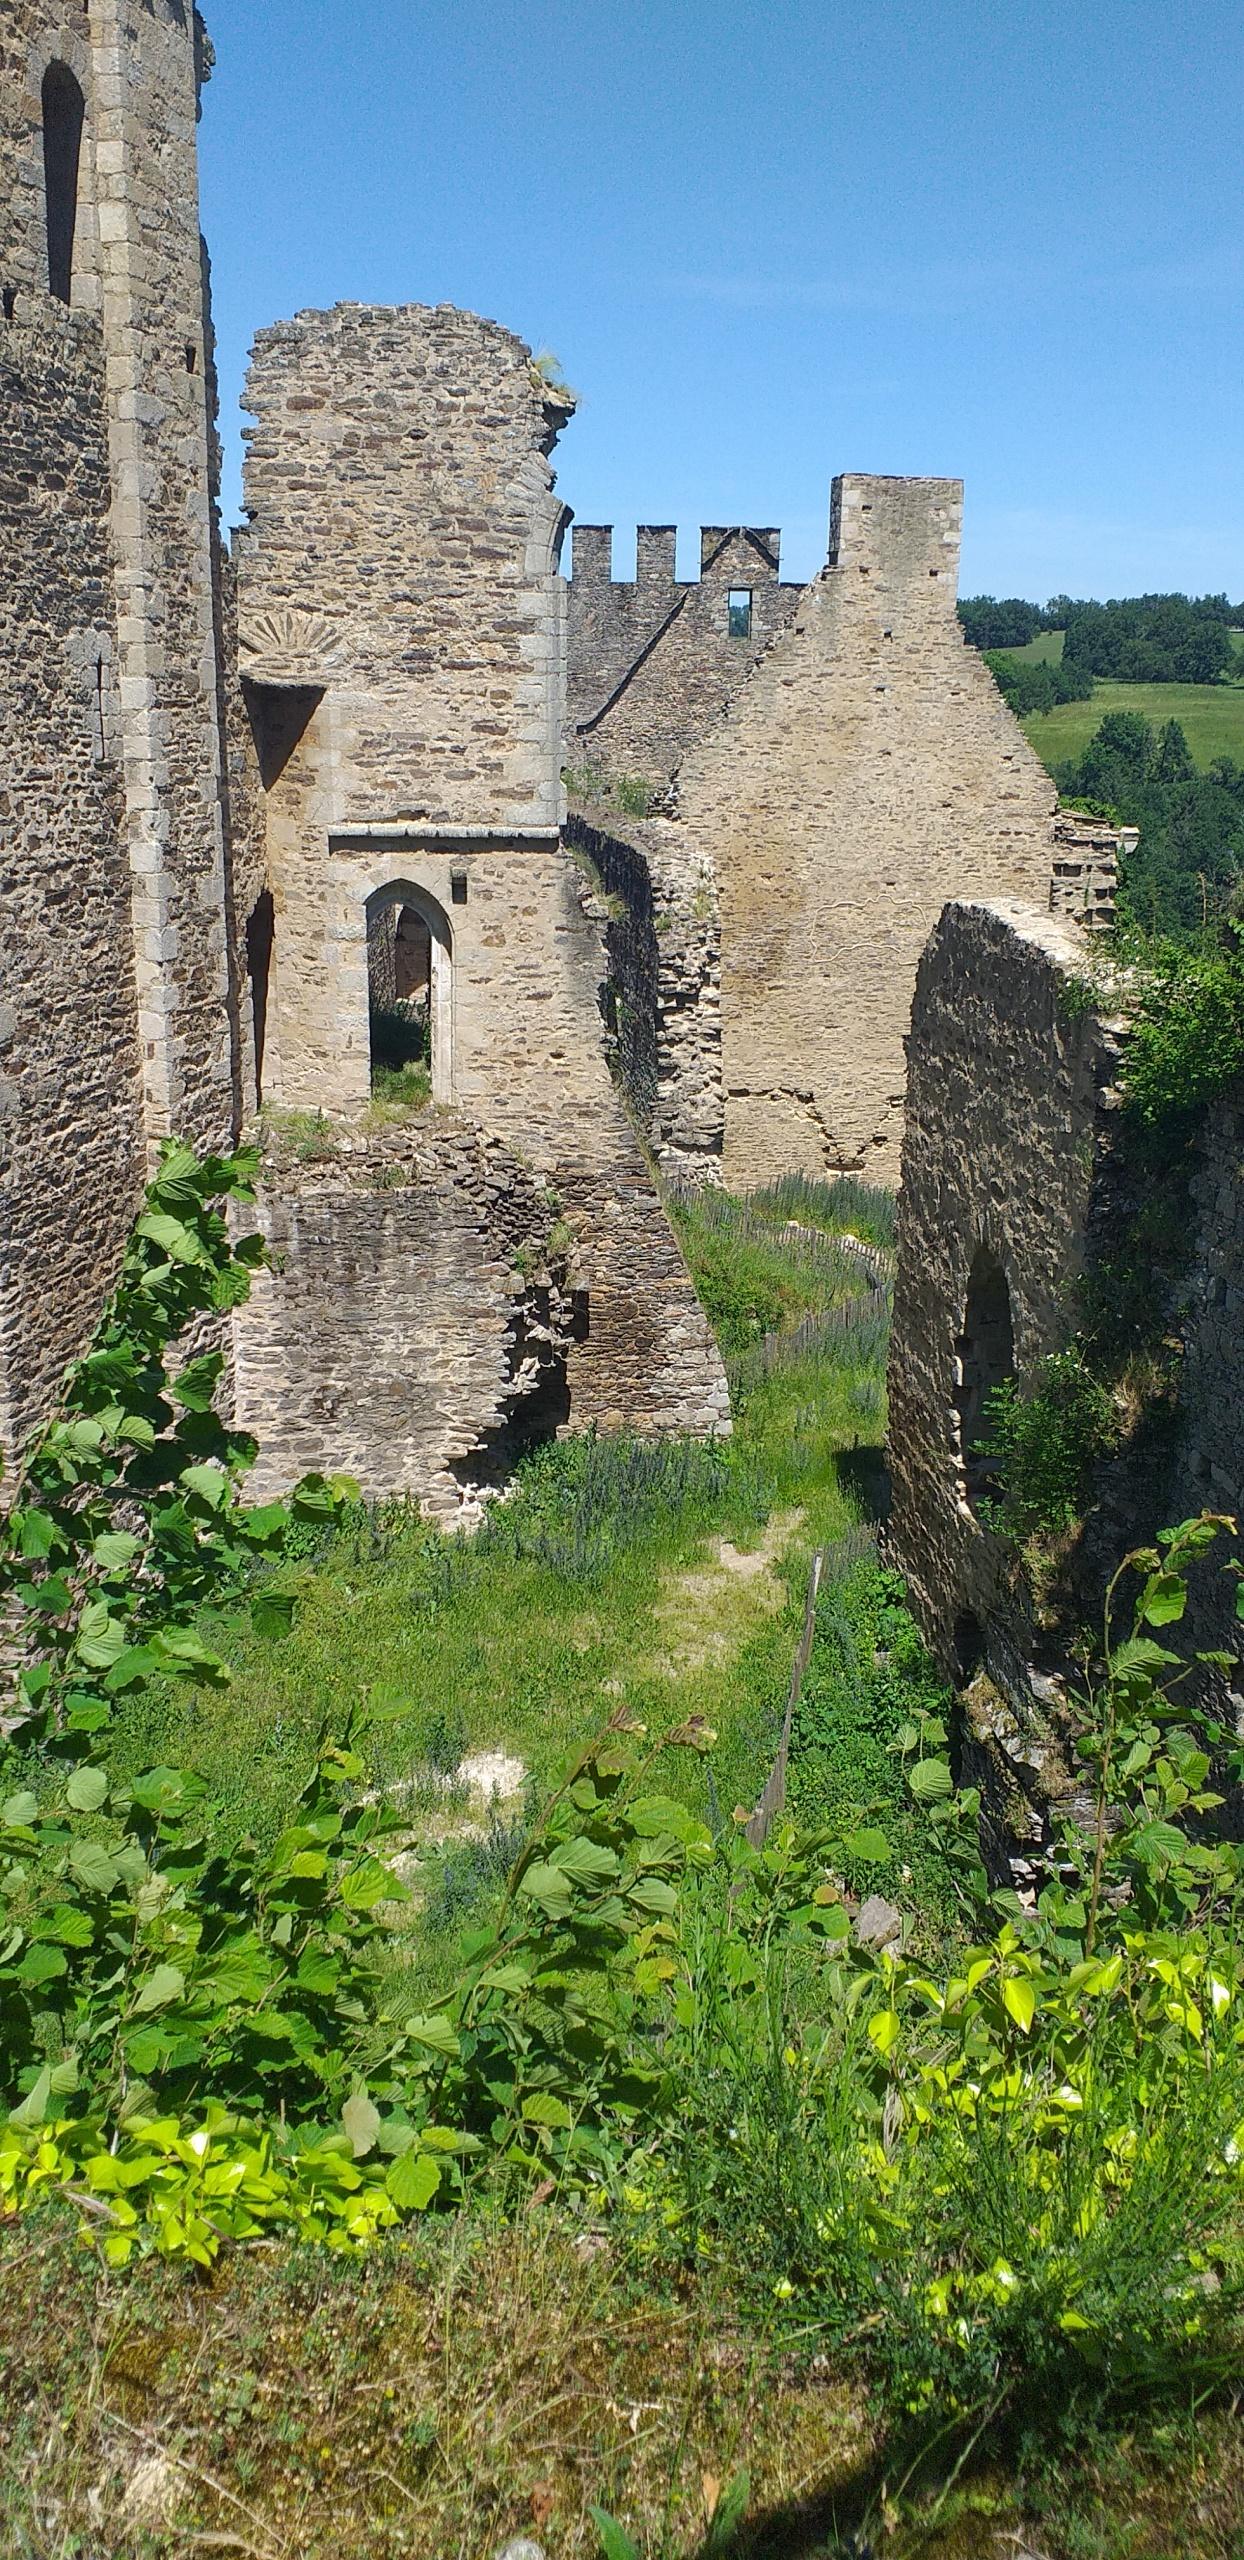 La forteresse de Châlucet, théâtre du prochain Randonnez-vous en Haute-Vienne.